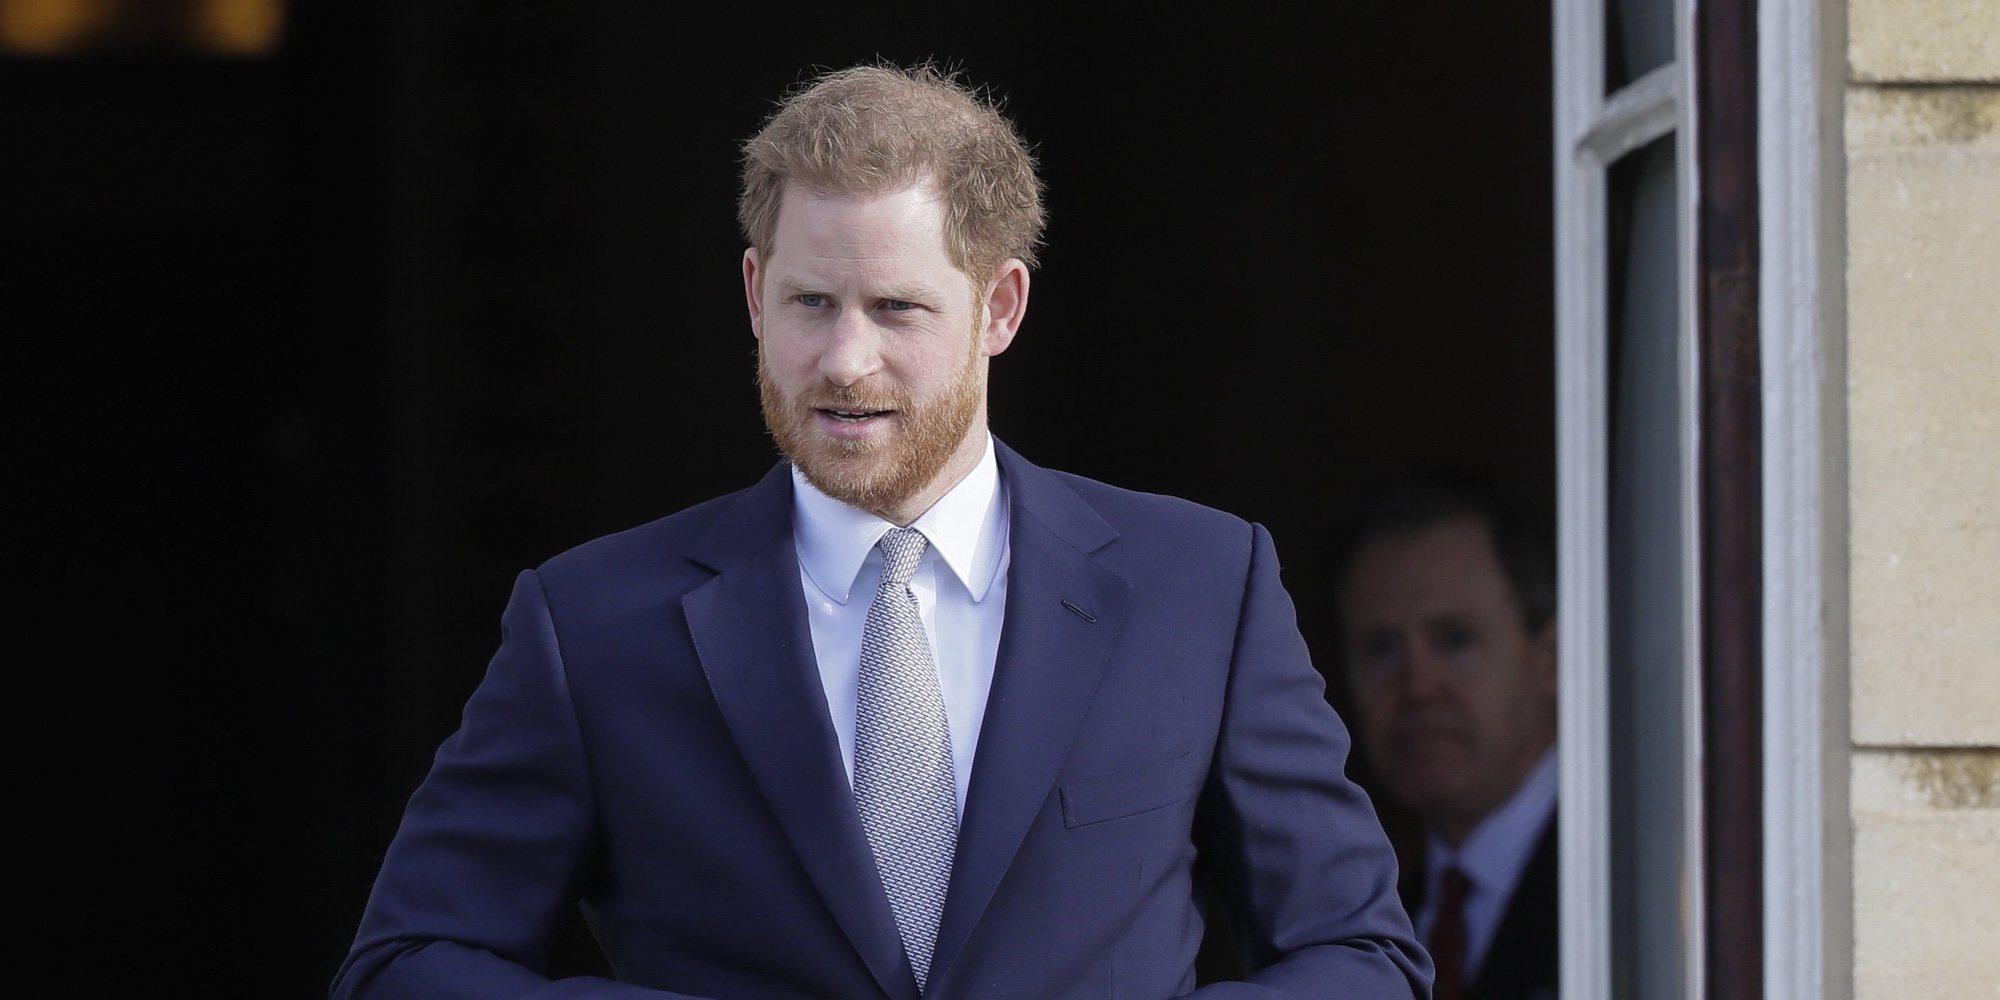 El Príncipe Harry lucha contra su calvicie visitando una prestigiosa clínica de tratamiento capilar